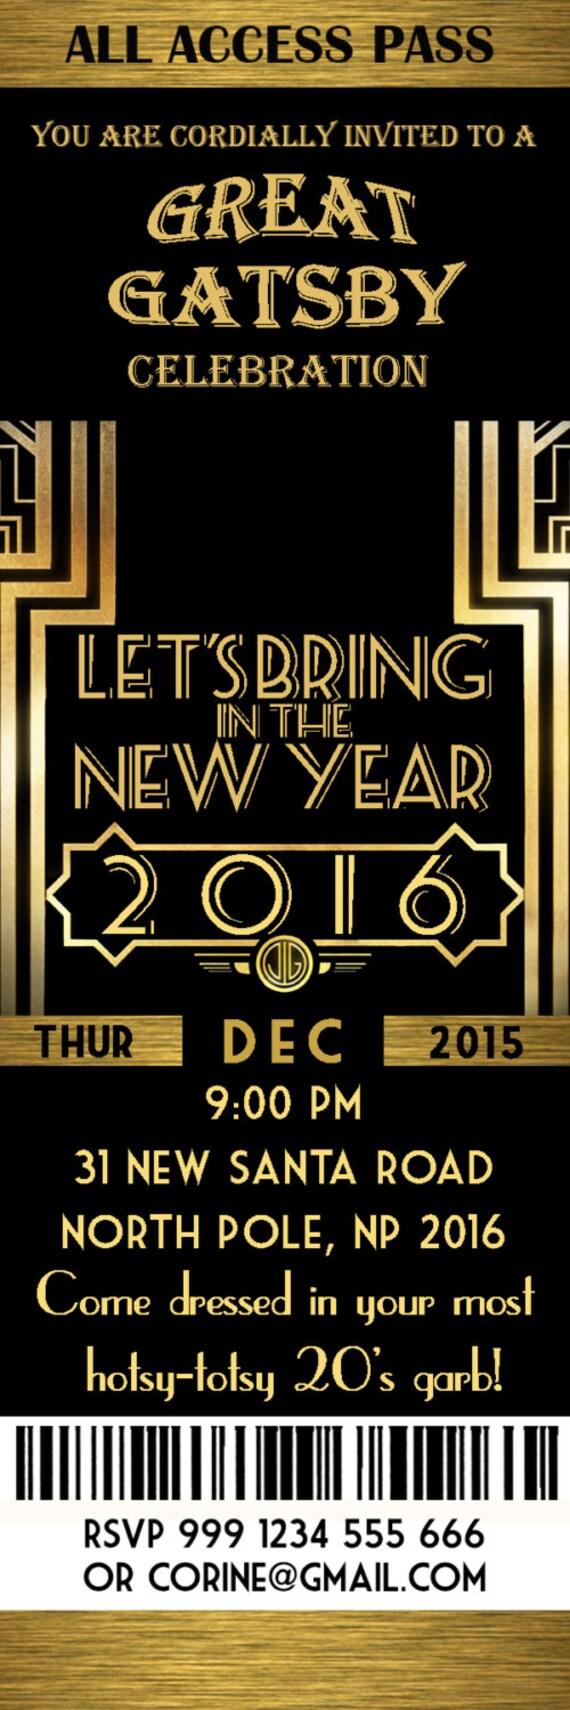 Great Gatsby Invitation New Year invitation New Year\'s